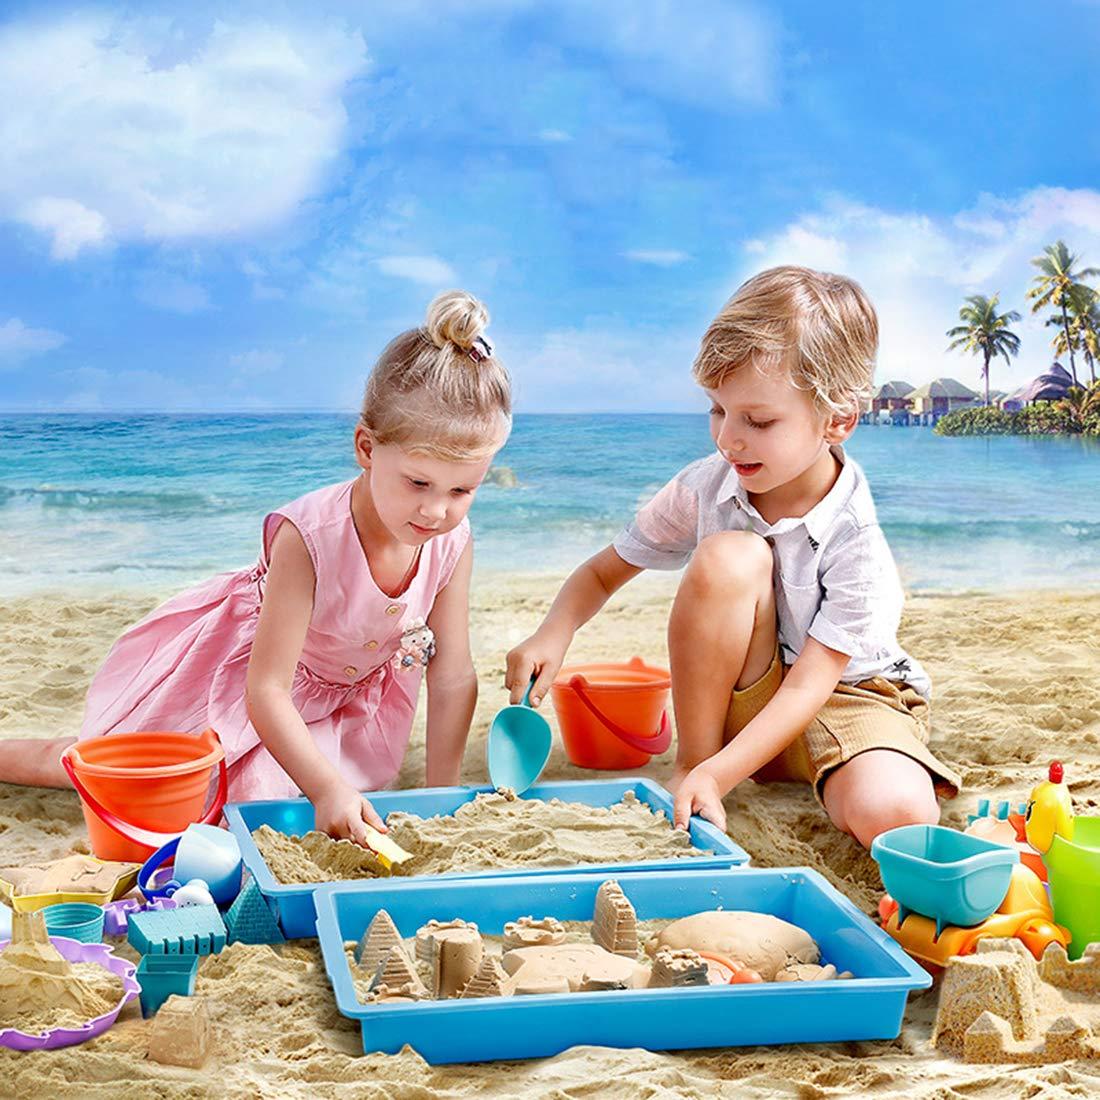 Color Aleatorio 22 Piezas Juego de Arena Set de Playa con Juguete de Buggy de Playa para Ni/ños Rolanli Juguetes de Playa